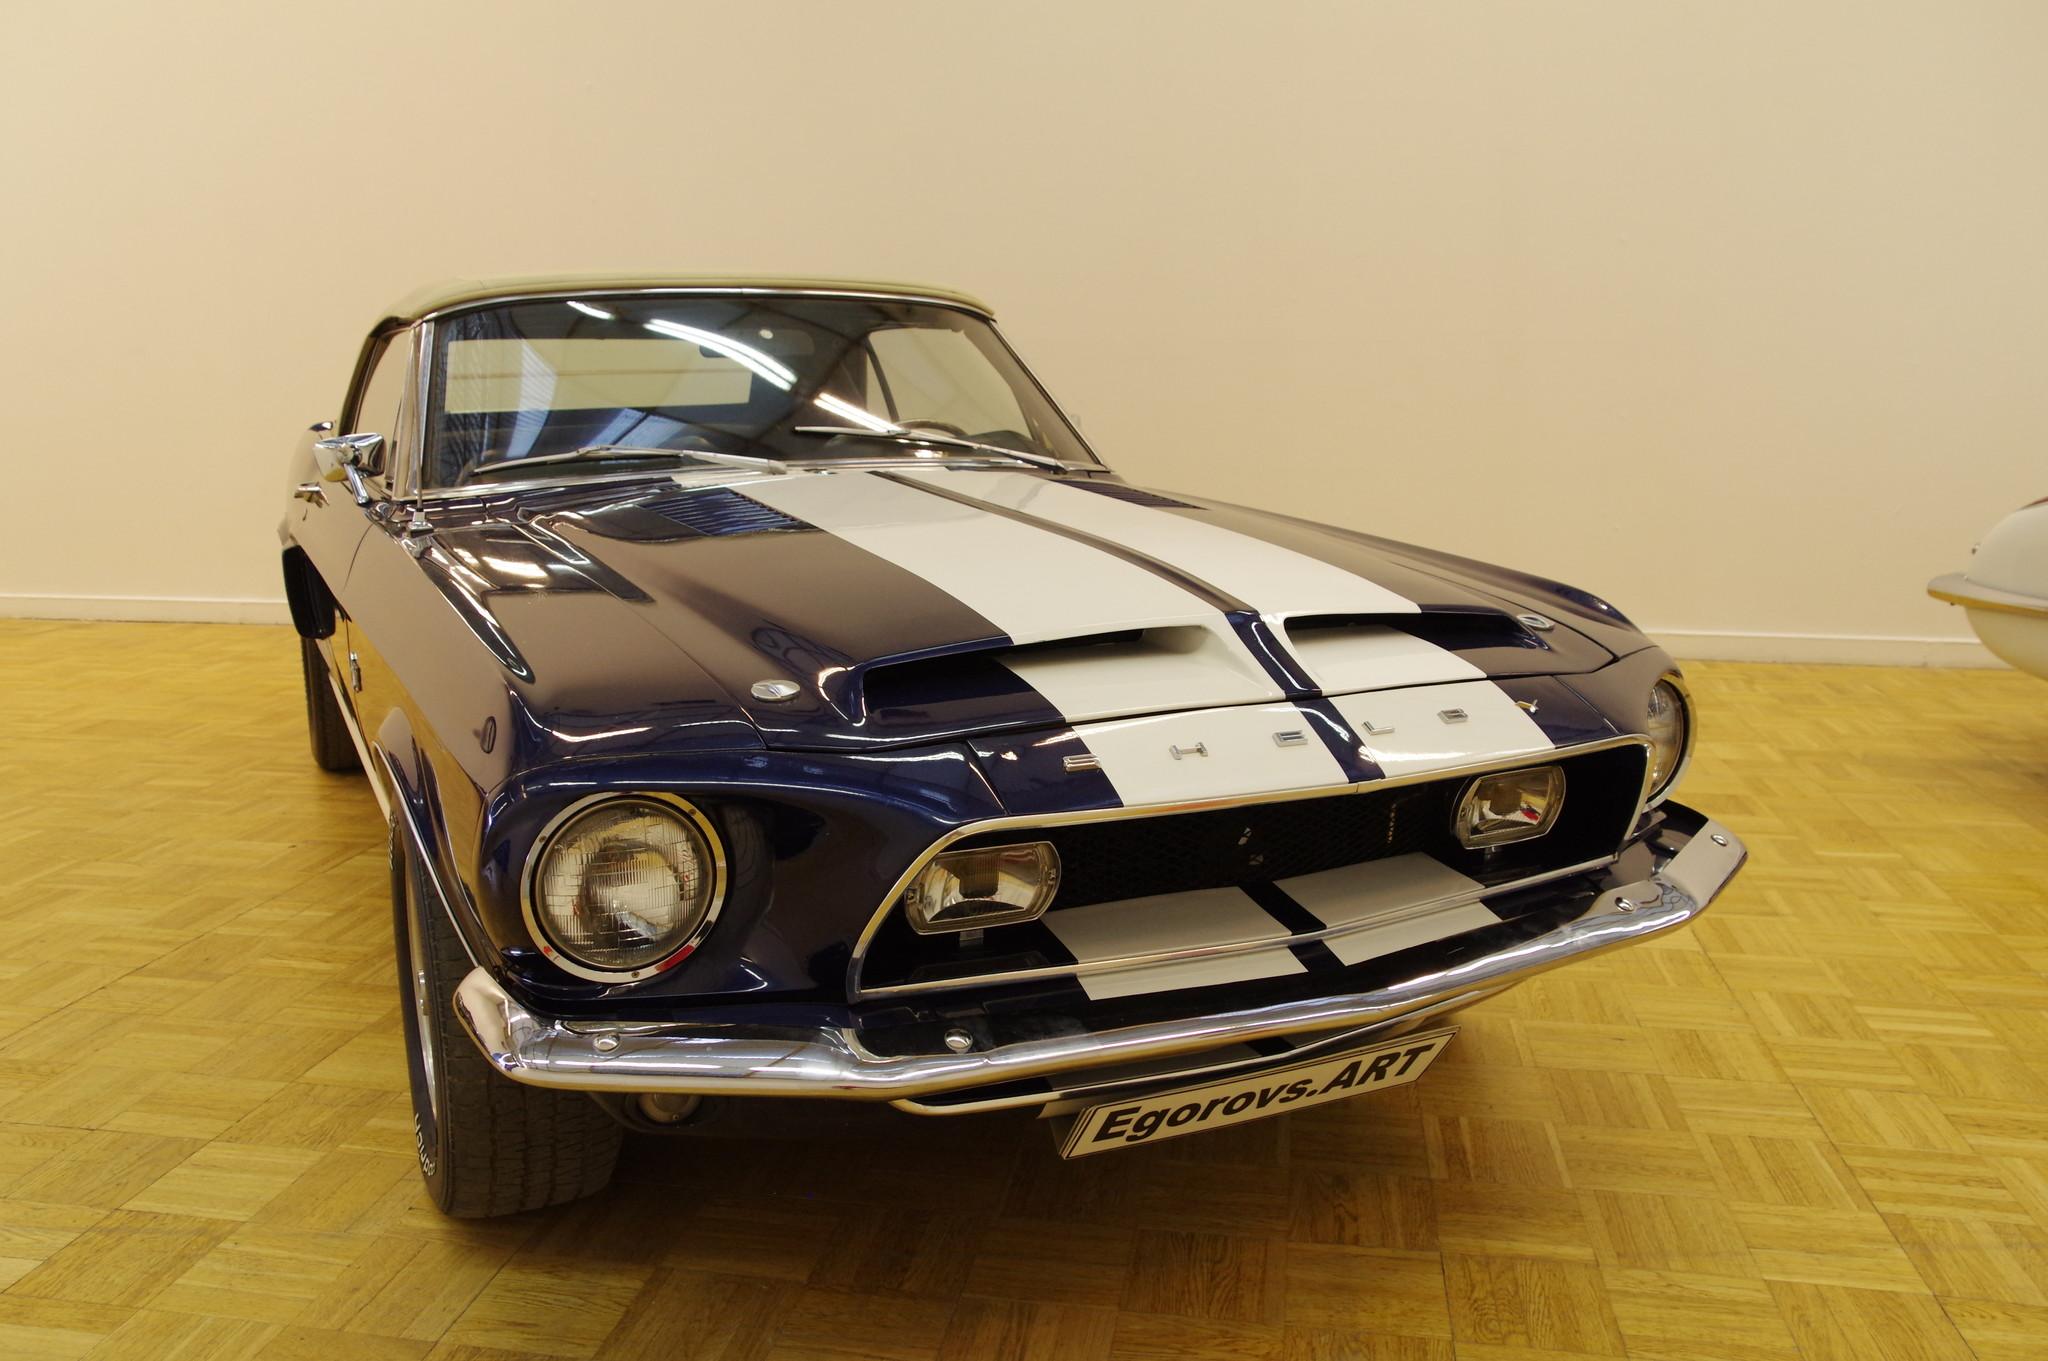 Автомобиль Ford Mustang Shelby Cobra GT500 KR Convertible 1968 года